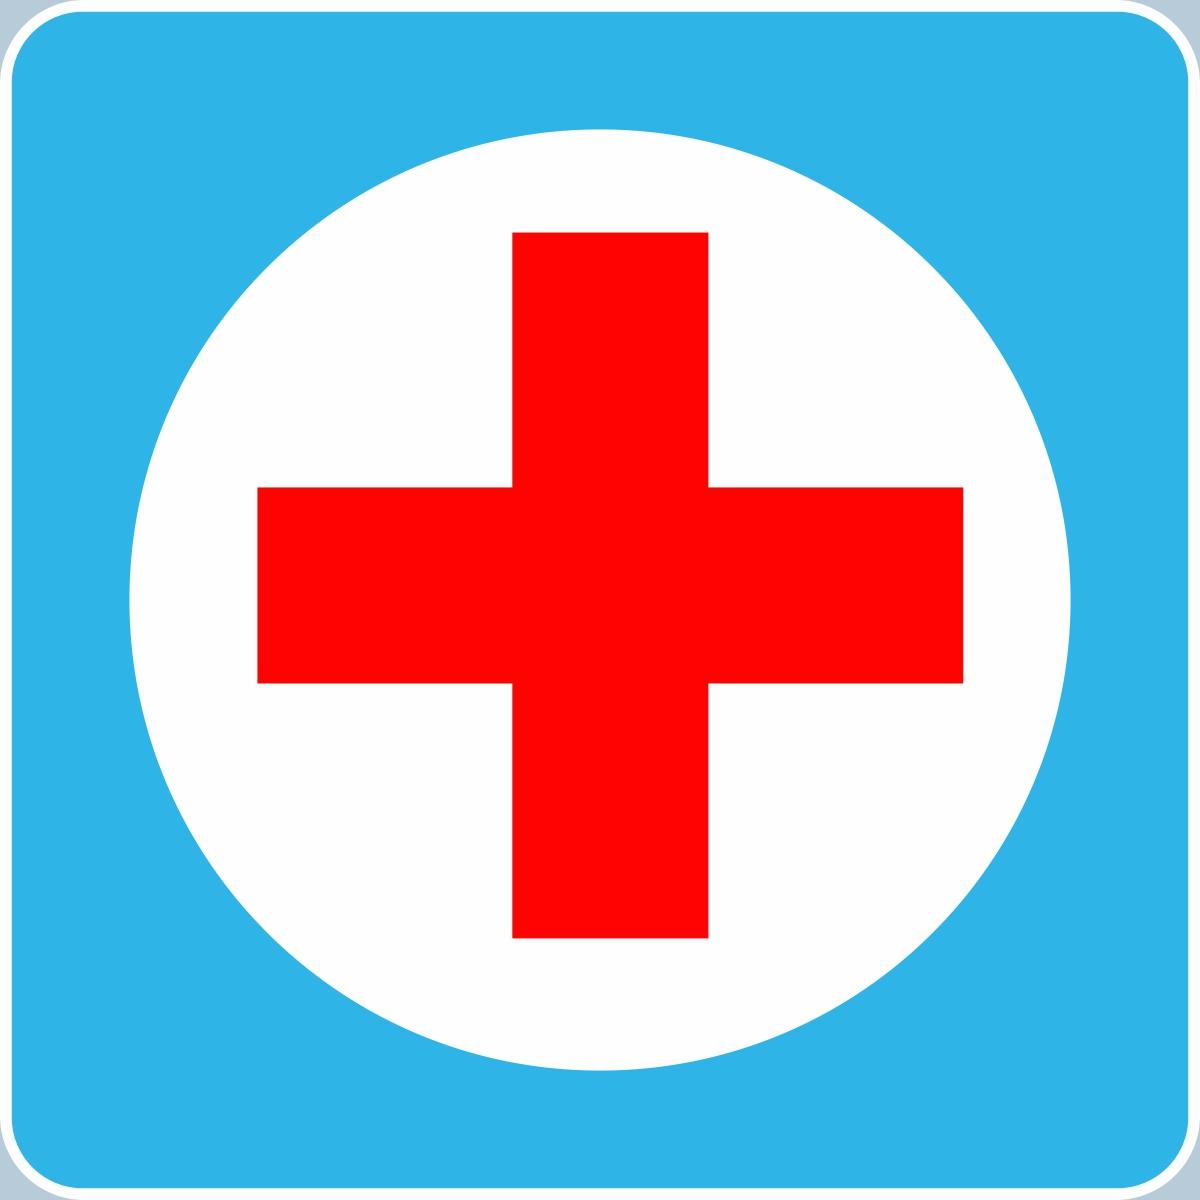 соседнем вещевом картинки с красным крестом набить любимую фразу